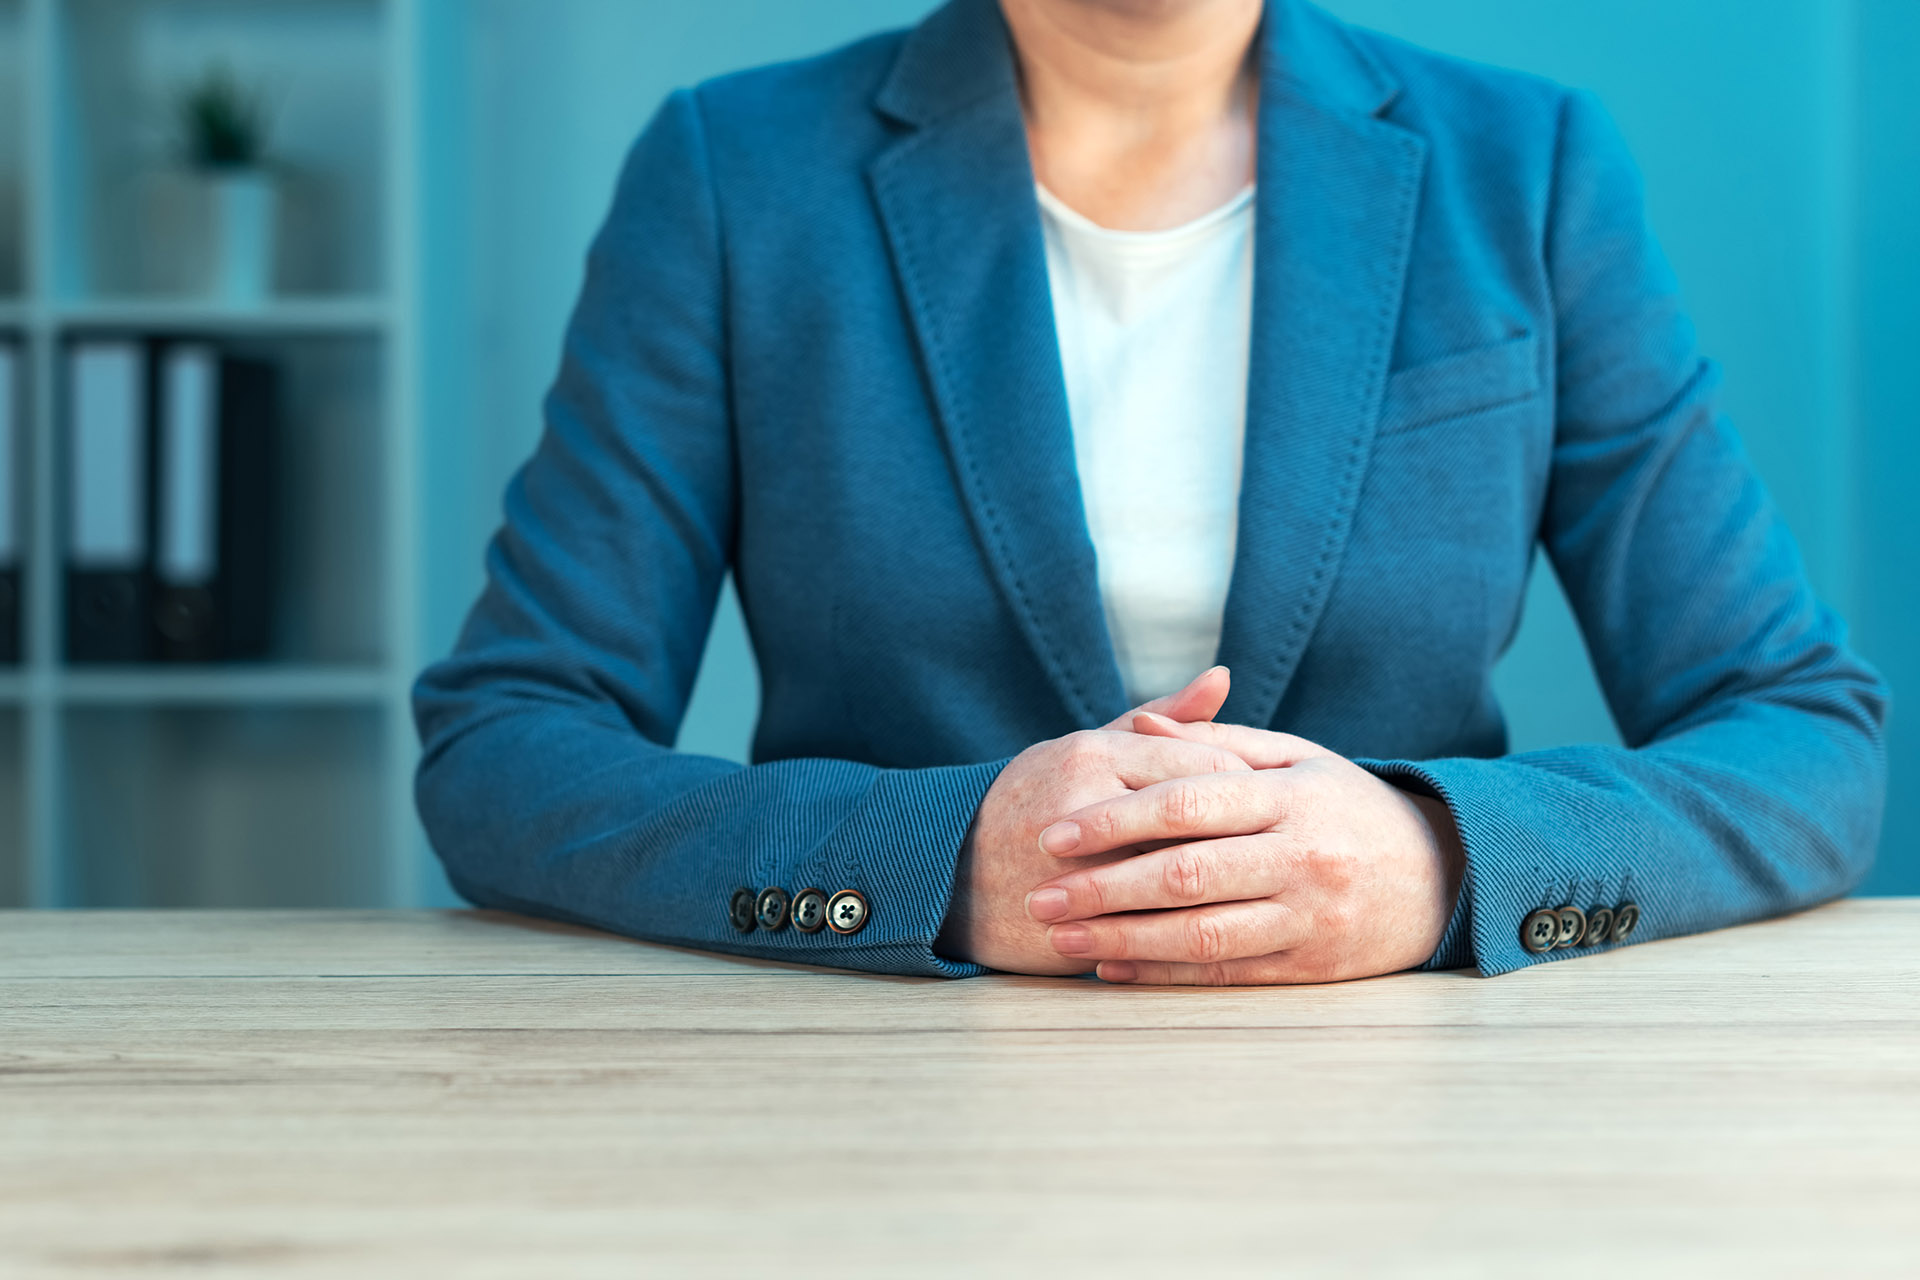 Hogy készülj fel a leggyakoribb interjúkérdésre? Alcím: 3 lépésben megnyerheted magadnak az interjúpartneredet Van egy kérdés, ami szinte minden állásinterjún elhangzik. Nem lőhetsz mellé, ha van erre egy jól kidolgozott, begyakorolt válaszod: Meséljen magáról! Legtöbbször ez a bemelegítés, szóval ha a válaszodat erre alaposan kidolgozod és itt pontokat nyersz, a meccs is a tied lehet! (első benyomás, tudod!) Érdemes leírni és kívülről megtanulni, főleg ha izgulós vagy - így magabiztosabb lehetsz majd. Nagyon fontos, hogy 8-10 mondatnál ne legyen hosszabb a teljes válaszod és a személyes adatokat (nős vagyok, van 3 gyerekem, vidéken nőttem fel….) felejtsd el. A nyerő szöveget így építsd fel: 1. MI vagyok + 2. KI vagyok = 3. MIÉRT én vagyok a megfelelő jelölt a pozíciódra A könnyebb megértésért nézzünk egy példát, mondjuk egy ügyfélszolgálati csoportvezető interjú esetében: 1. MI vagyok – jelenlegi karrier státusz 7 éve dolgozom pénzügyi területen, az X egyetem Y szakán végeztem. Már diákként ügyfélszolgálatos voltam a Z cégnél részmunkaidőben, gyorsan megszerettem a feladatok komplexitása miatt. Németország és Svájc tartozik 5 éve hozzám, így a német nyelvtudásom közel anyanyelvi szintű és magabiztosan kiismerem magamat az ottani szabályozások és jellemző problémák területén. 2. KI vagyok – milyen vagyok – lehetőleg példával, hogy ne tűnj beképzeltnek: Energikus és motivált vagyok, szeretek másokat is inspirálni. Már 3 éve részt veszek mentorként az új kollégáink betanításában és nagyon jó visszajelzéseket kapok, gyakran kérnek tőlem tanácsot és javaslatokat. 3. Az 1. és a 2. pontra építve foglald össze, MIÉRT te vagy a megfelelő jelölt: Úgy érzem, hogy elég tapasztalatot gyűjtöttem ahhoz, hogy az Önöknél meghirdetett ügyfélszolgálati csoportvezető állást magabiztosan elláthassam. Éppen itt tartok most a karrieremben és a vállalatukról sok jót hallottam. Miközben beszélsz, húzd ki magad és nézz az interjúpartnereid szemébe. Ha megalkottad a saját szövegedet, vedd fe